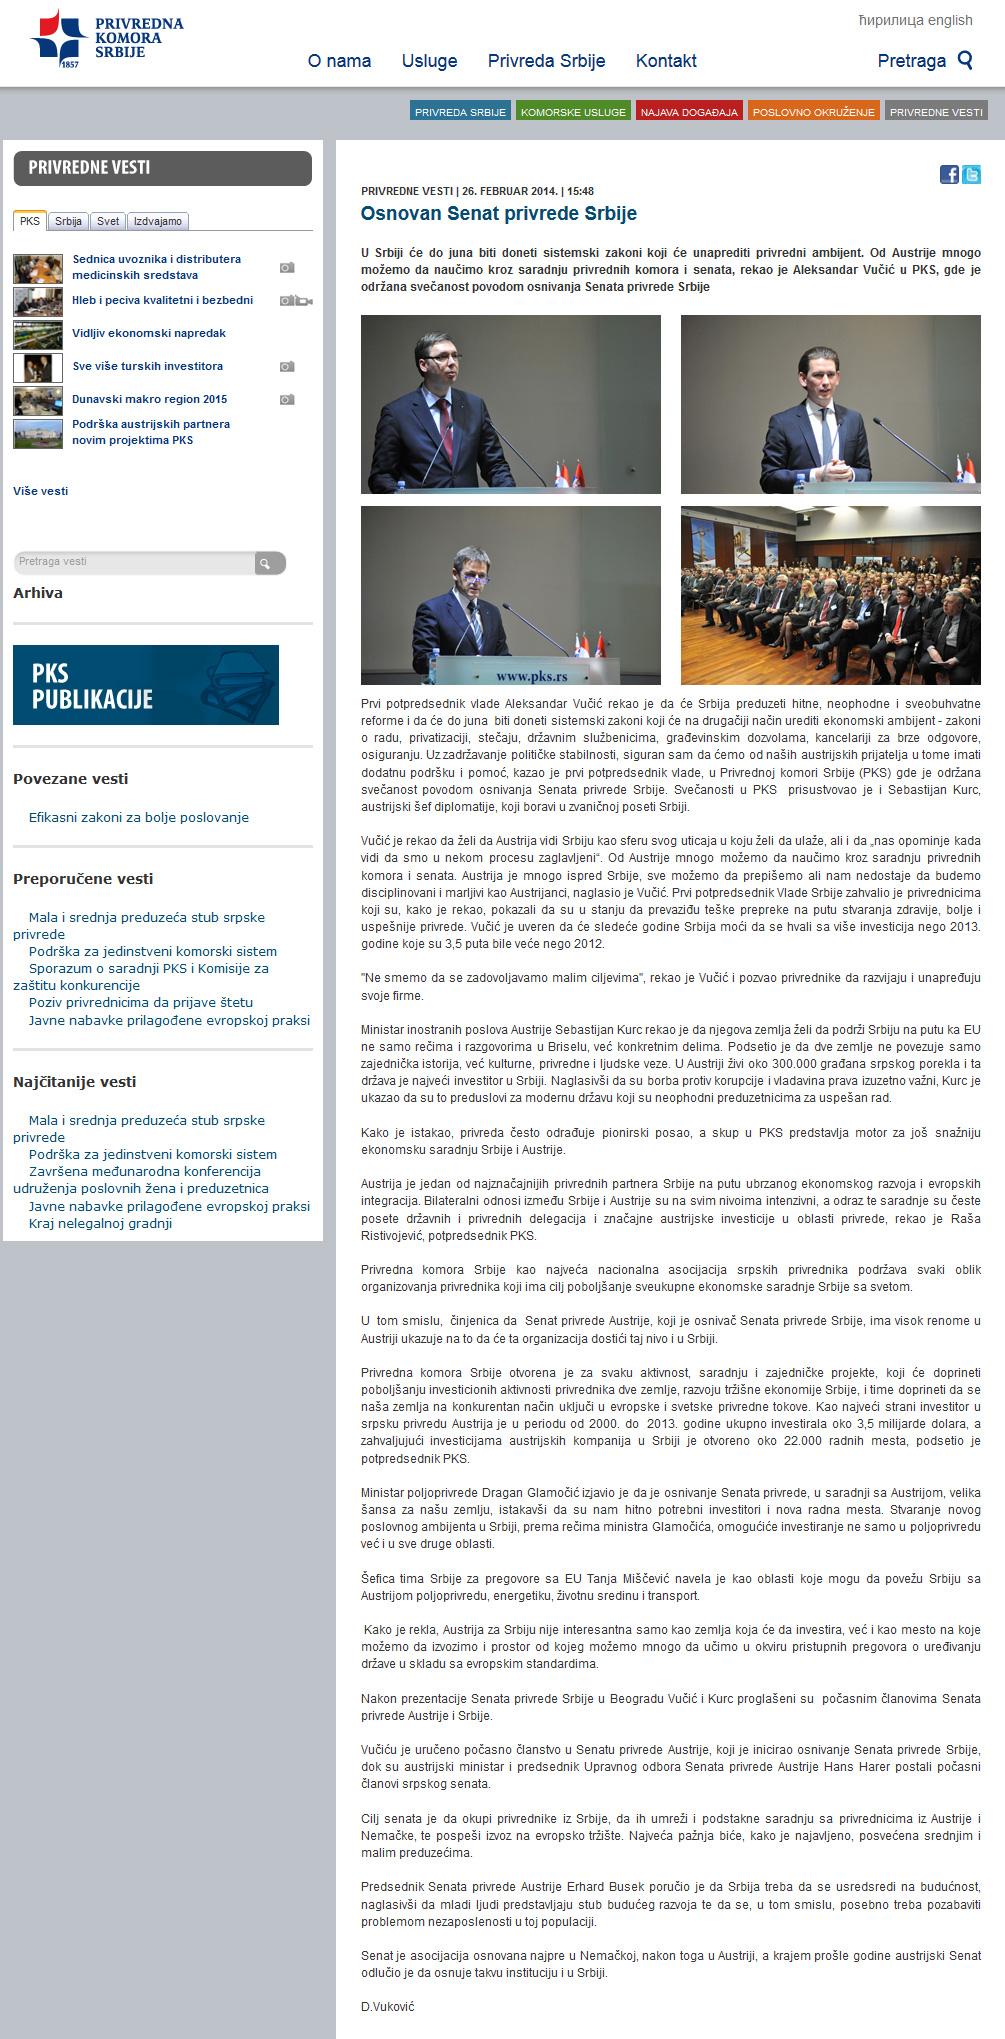 Osnovan Senat privrede Srbije